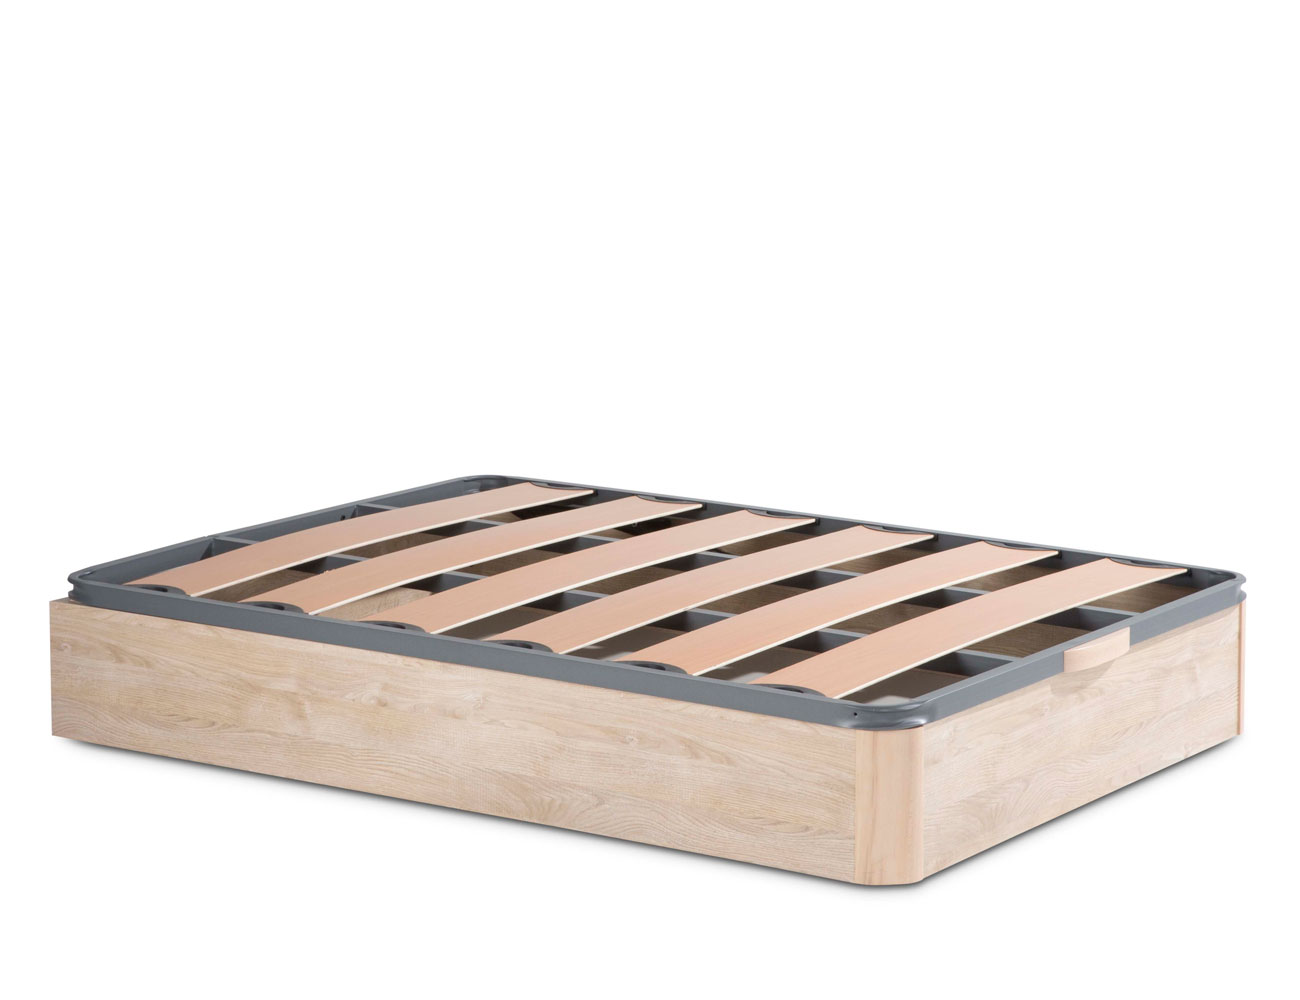 Canape madera somier laminas pvc 7820